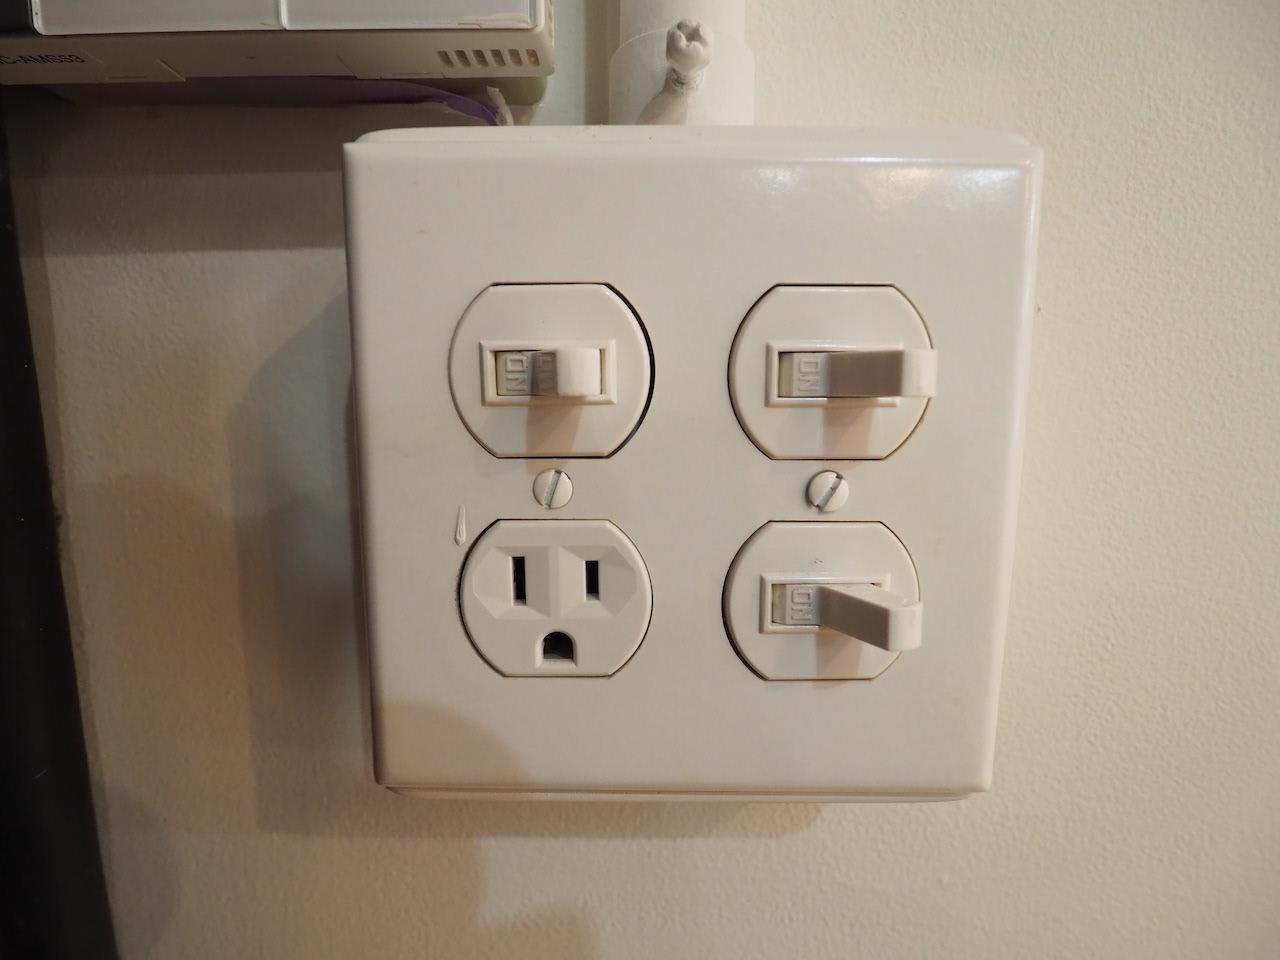 スイッチがなんかかわいい